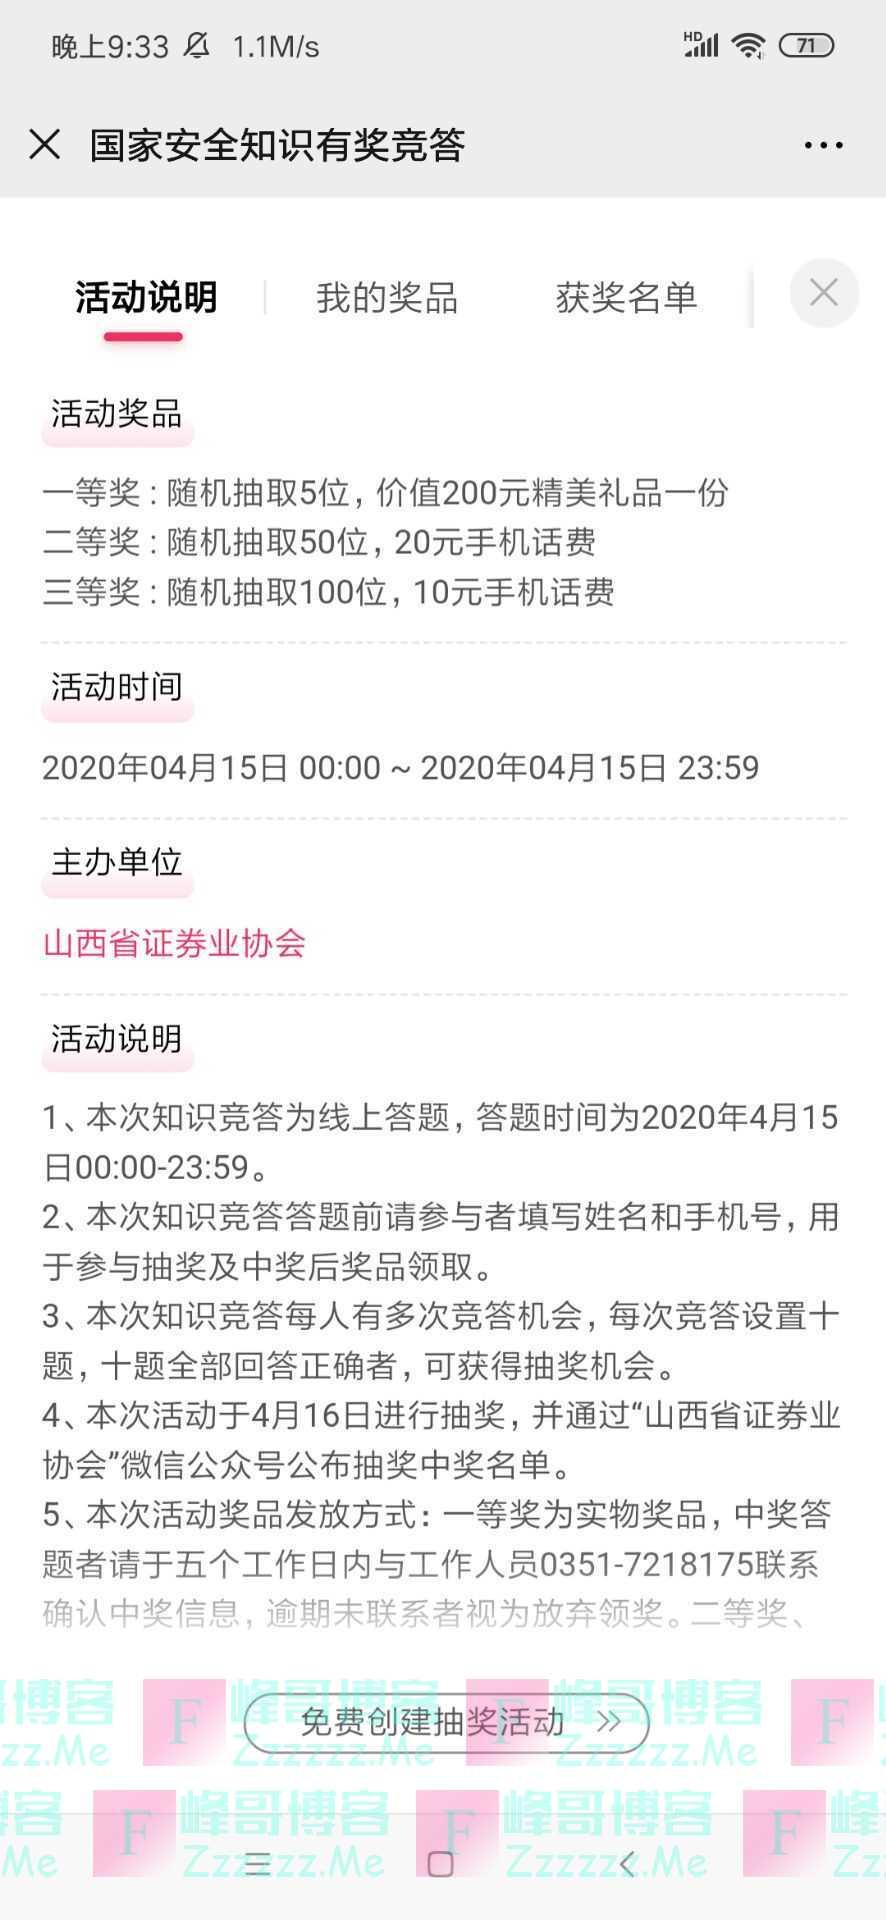 山西省证券业协会国家安全知识有奖竞答(截止4月15日)